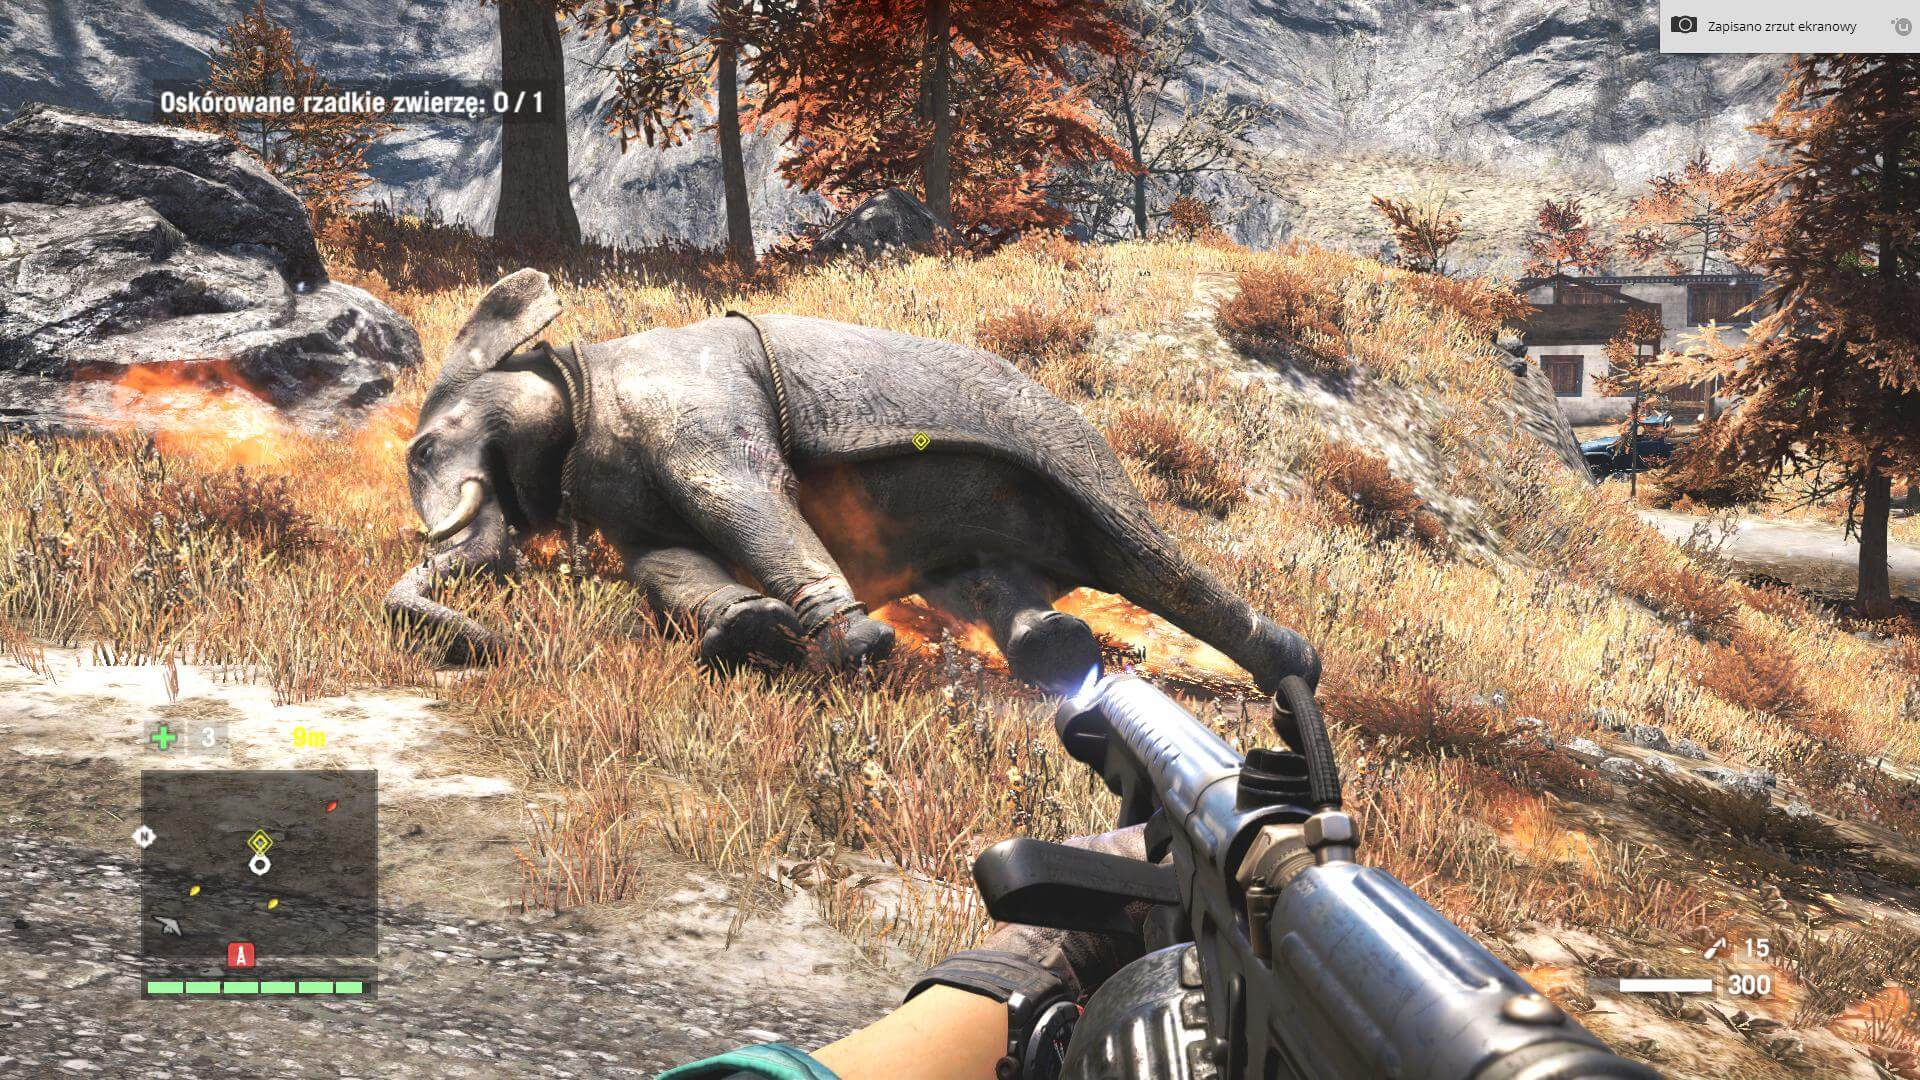 Słonia se spaliłem.